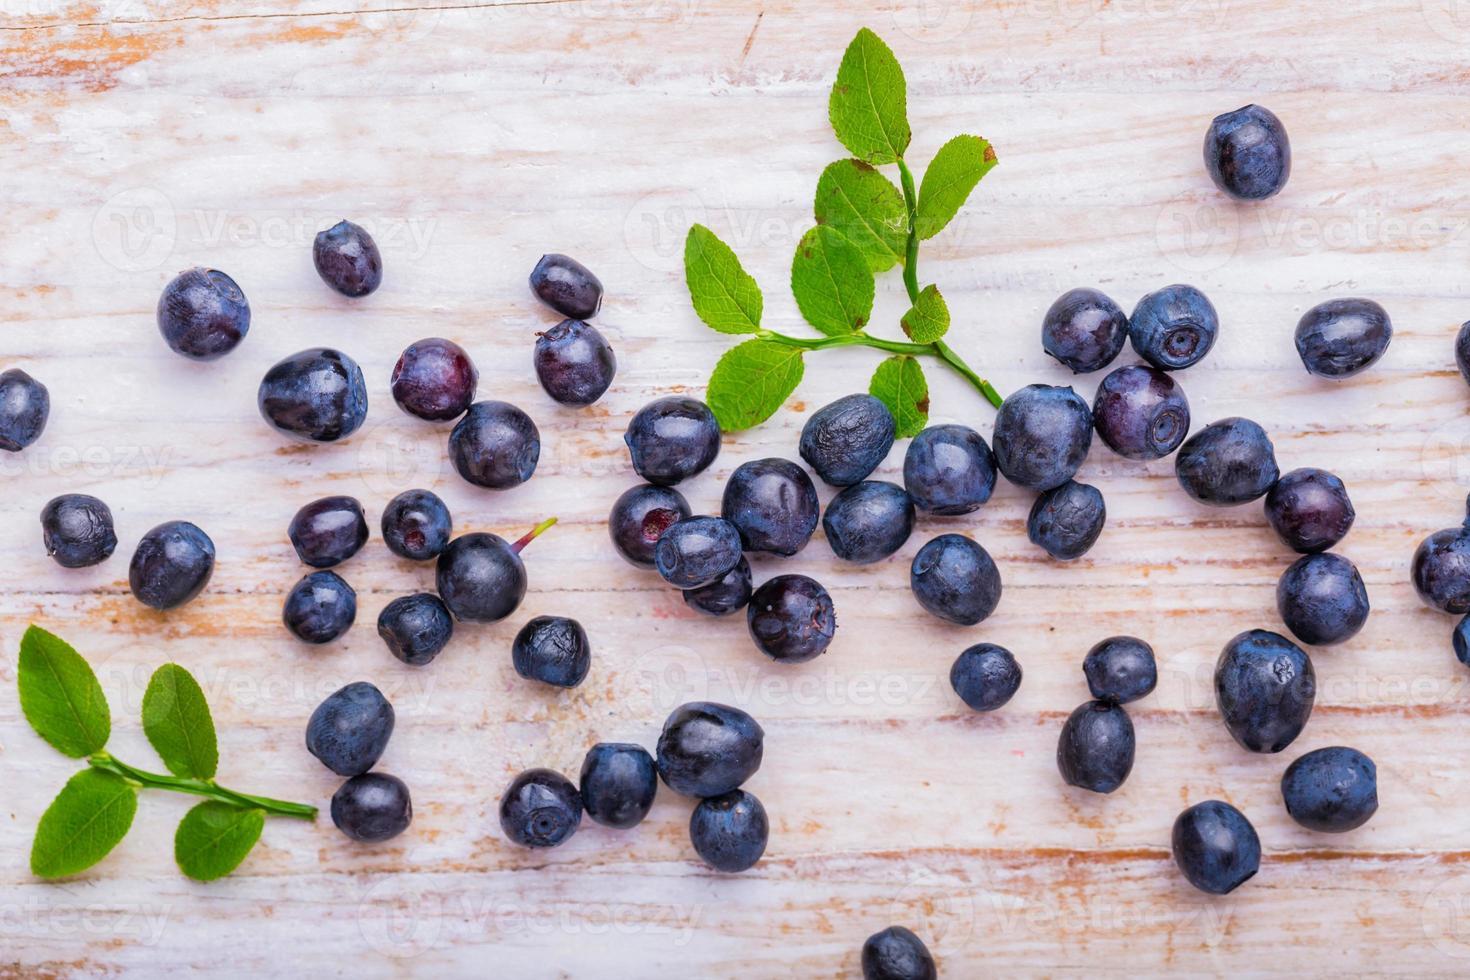 blåbär på vit träbakgrund foto